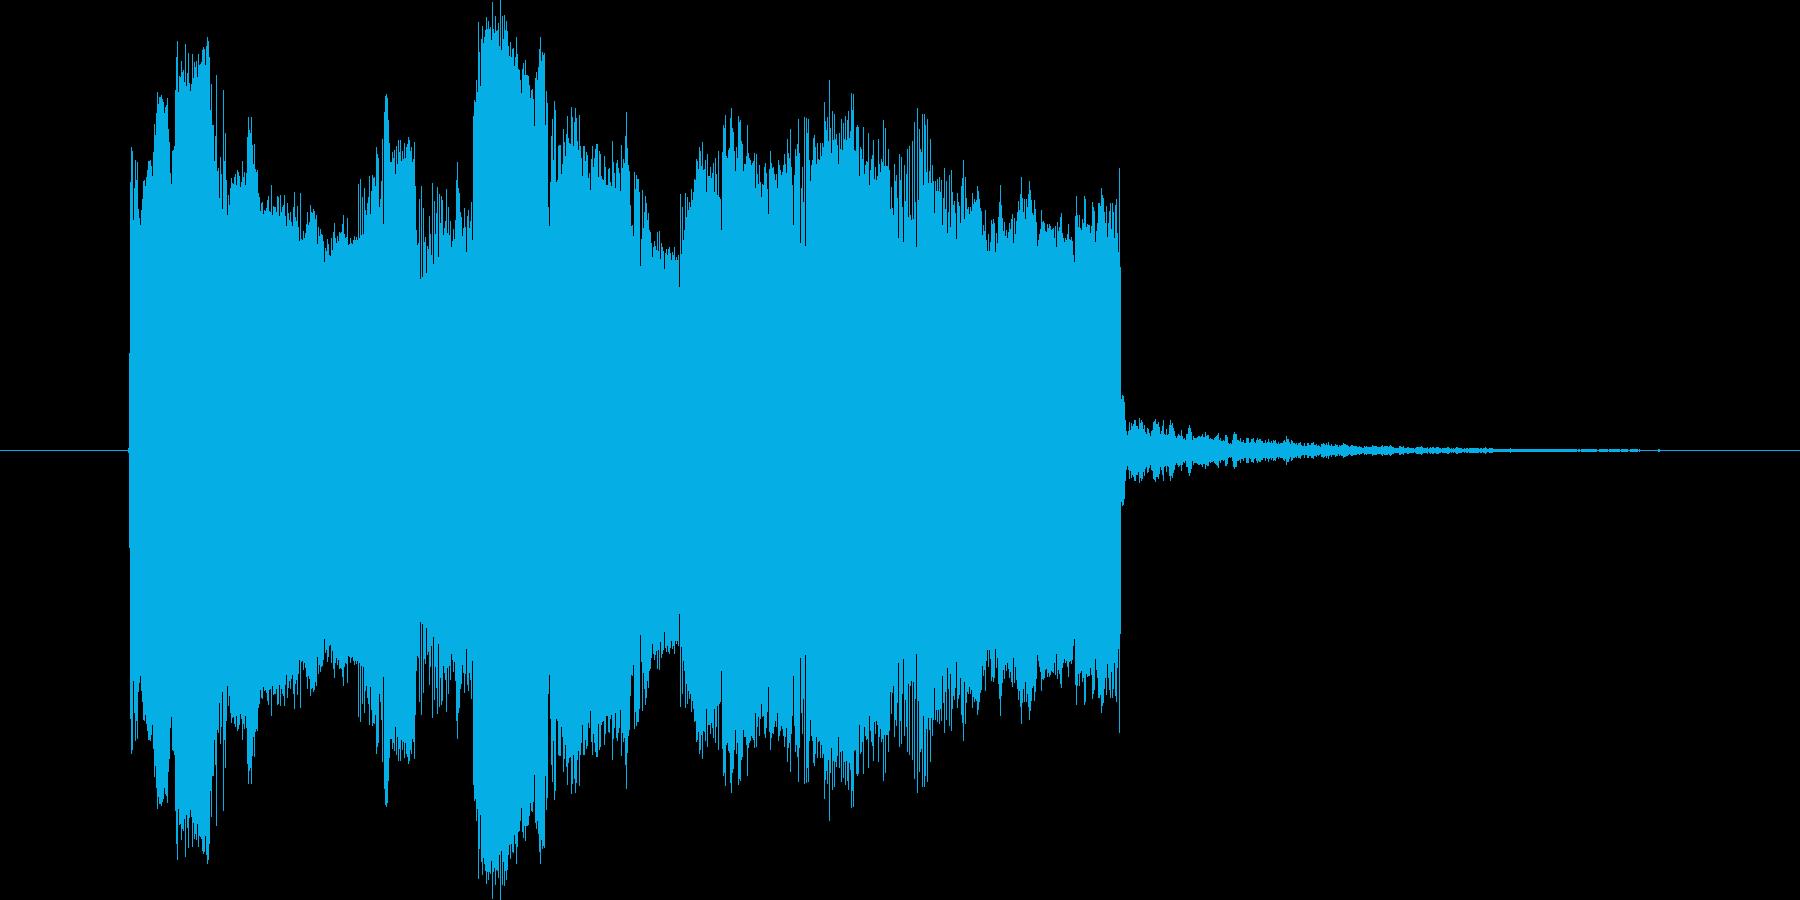 海外ケータイ着信音の定番をギターで再現!の再生済みの波形